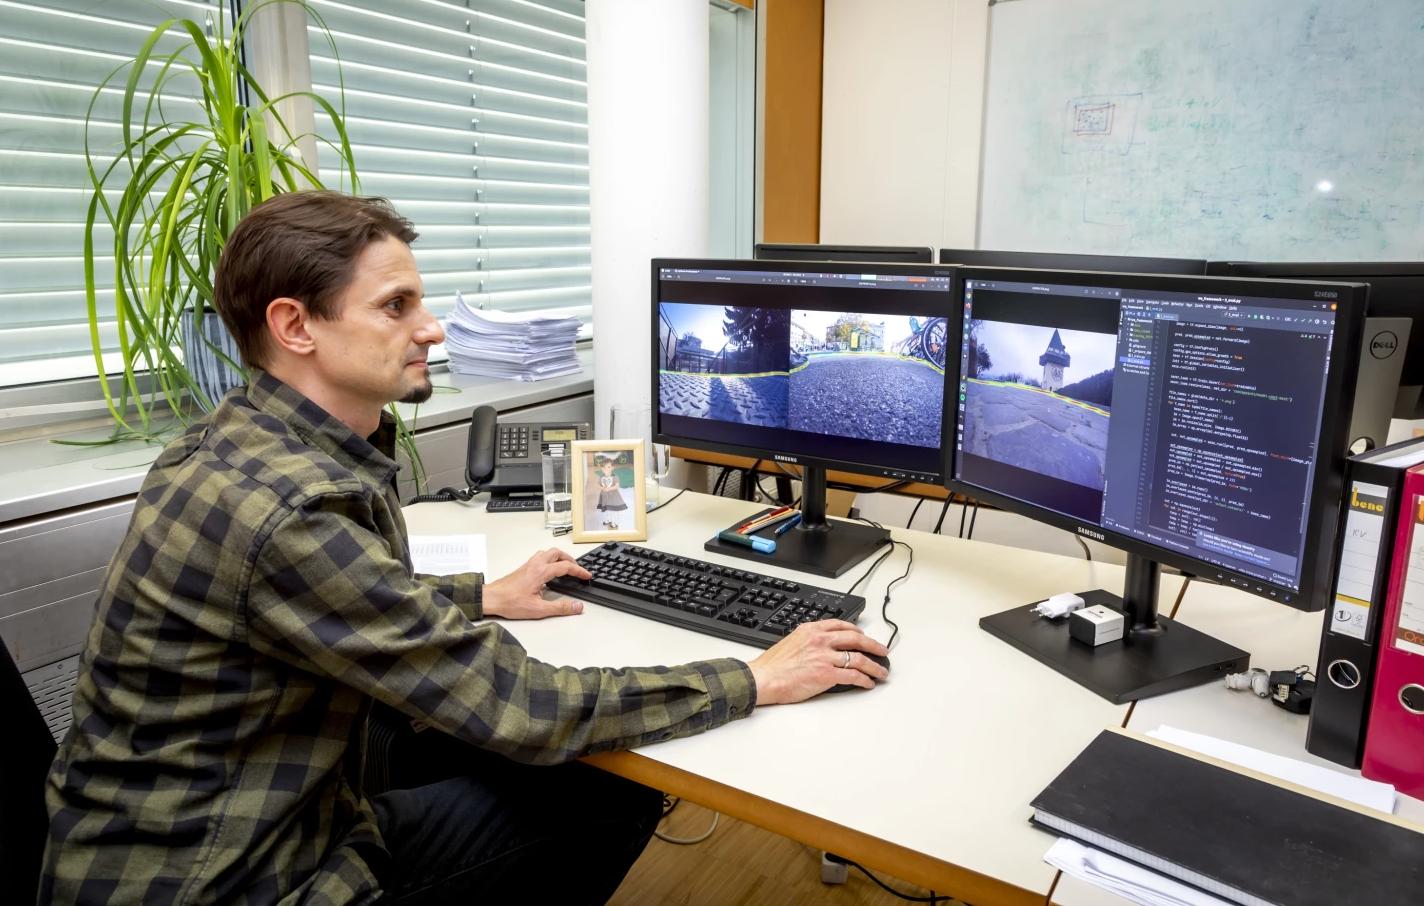 Черевики-поводирі попереджають сліпих про перешкоди за допомогою ультразвуку і камер